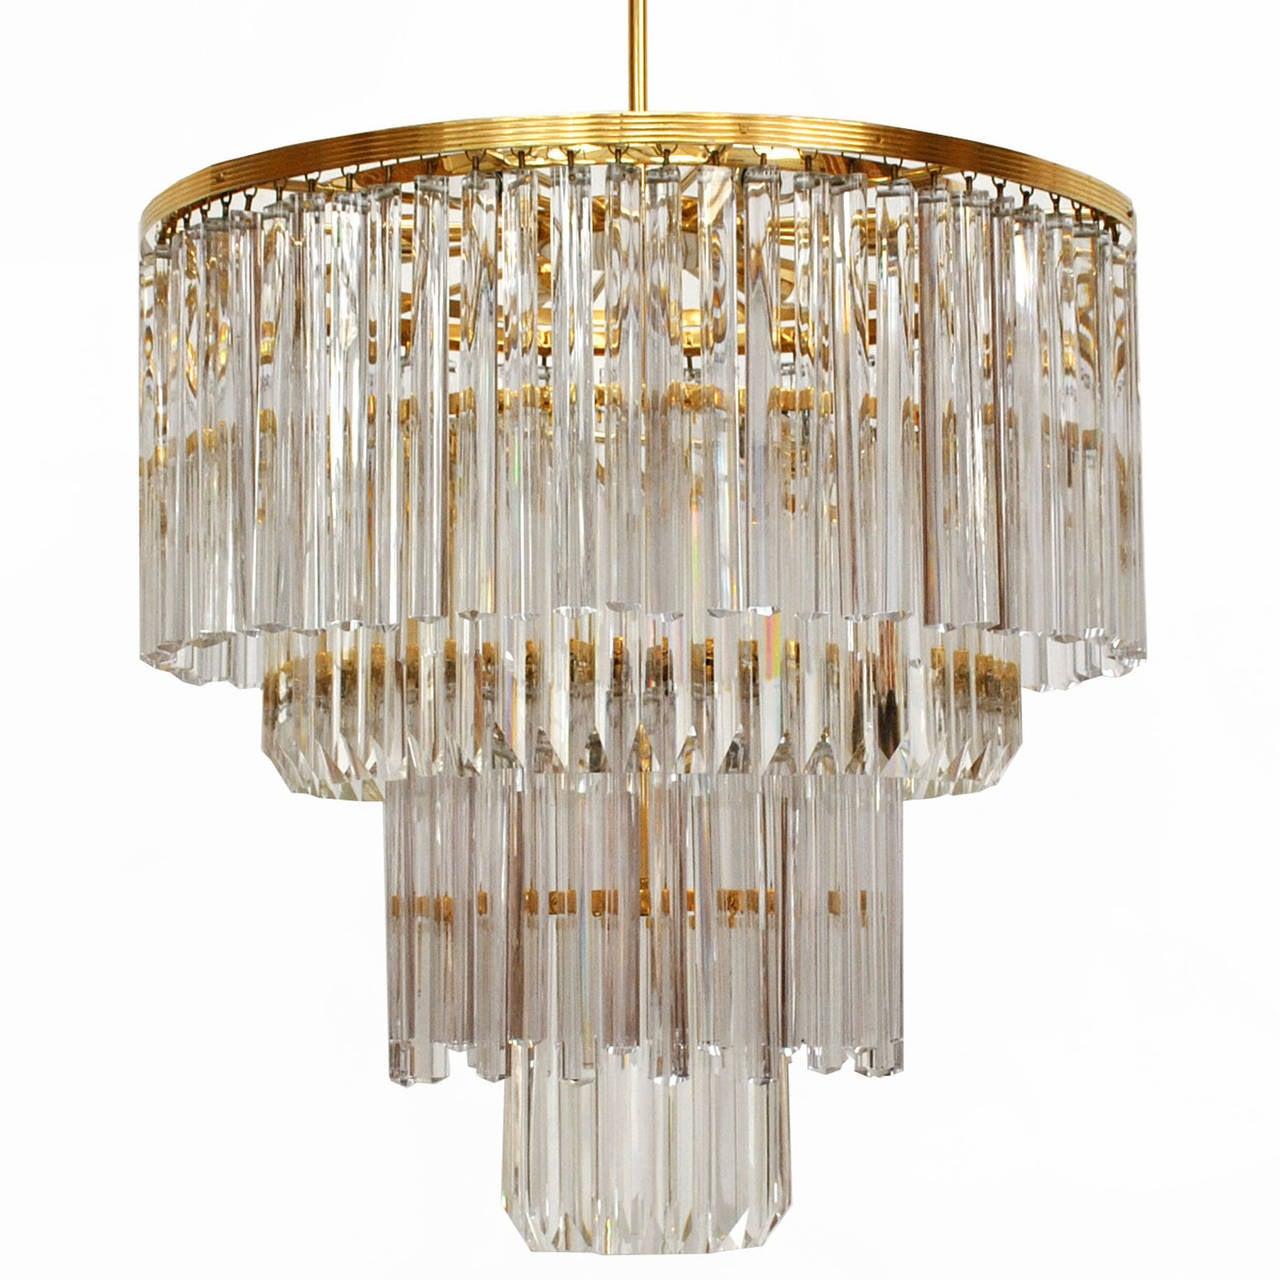 Venini Glass Suspension Lamp For Sale